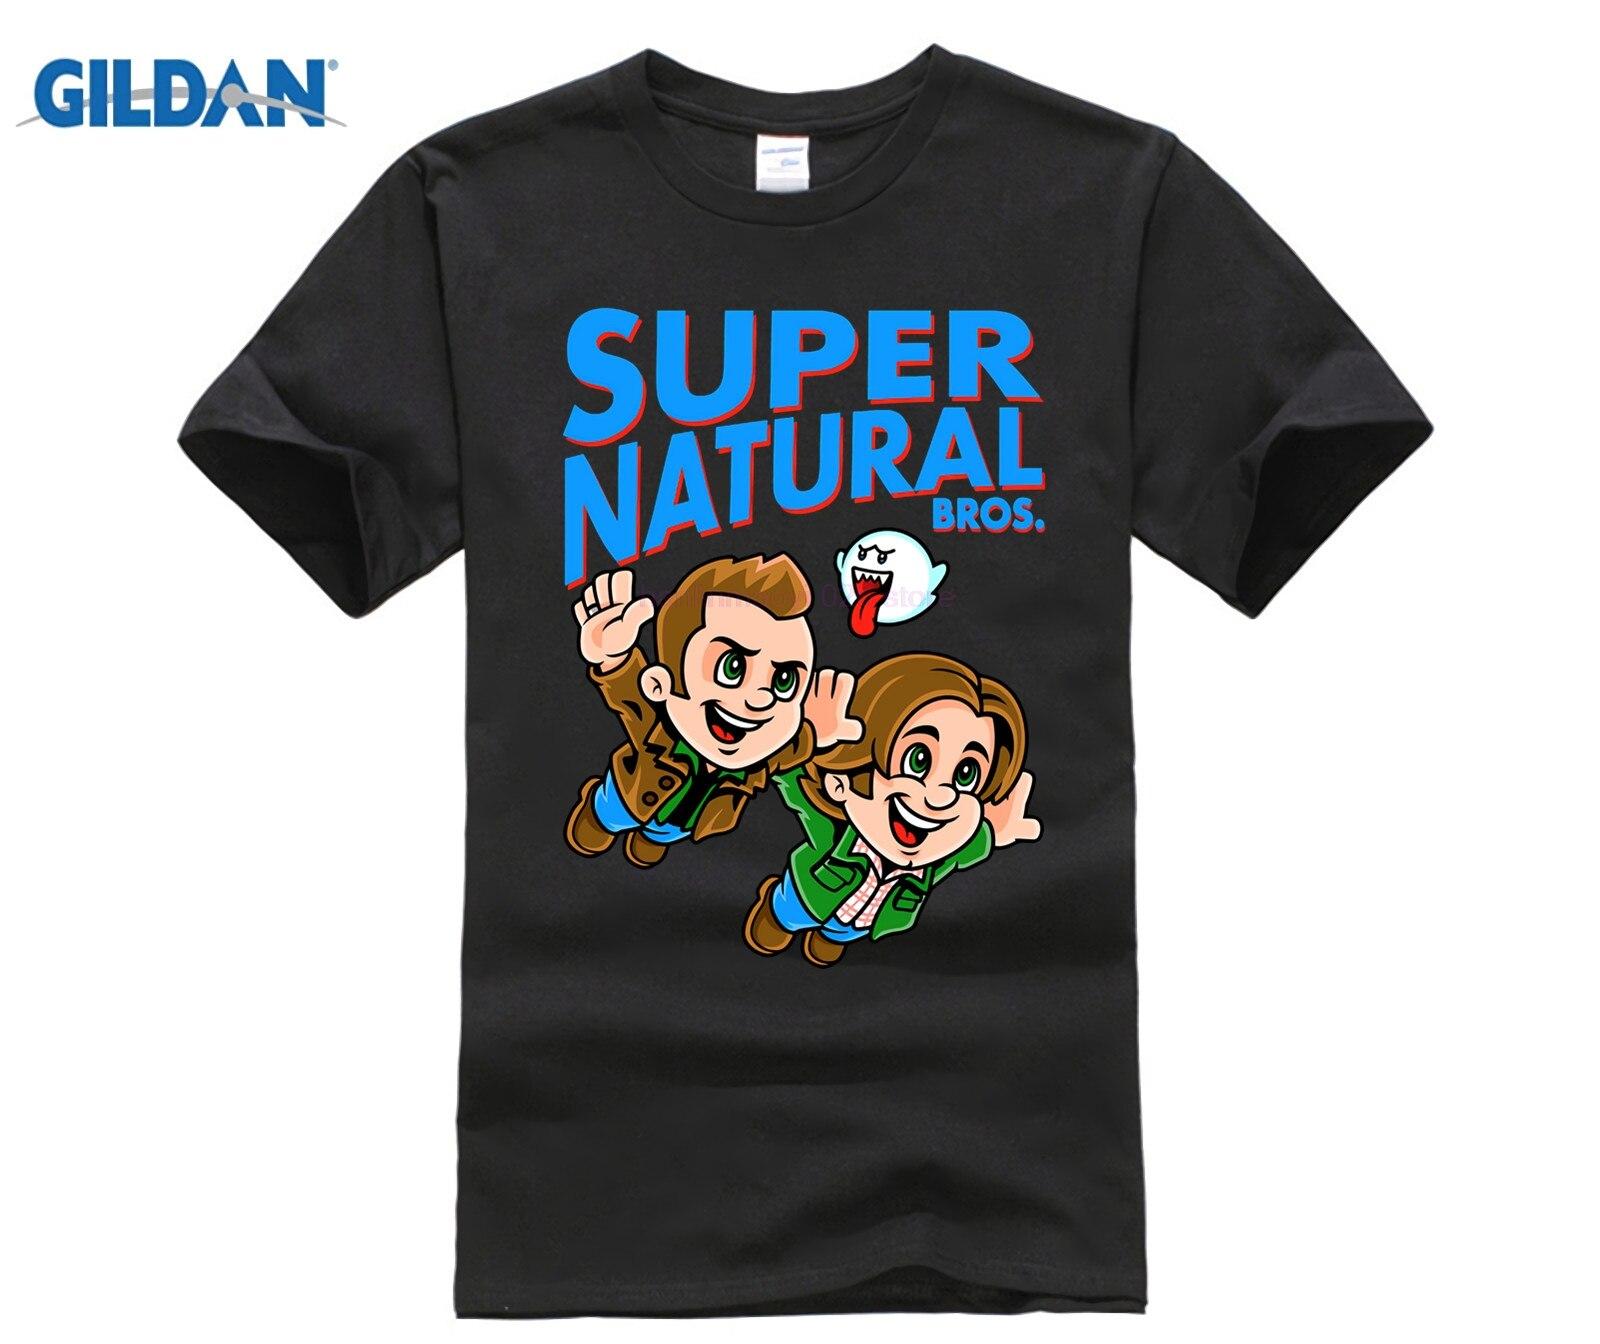 73098e6a9cb Супер Натуральные рубашки Bros Mario Mashup - b.stephdunn.me